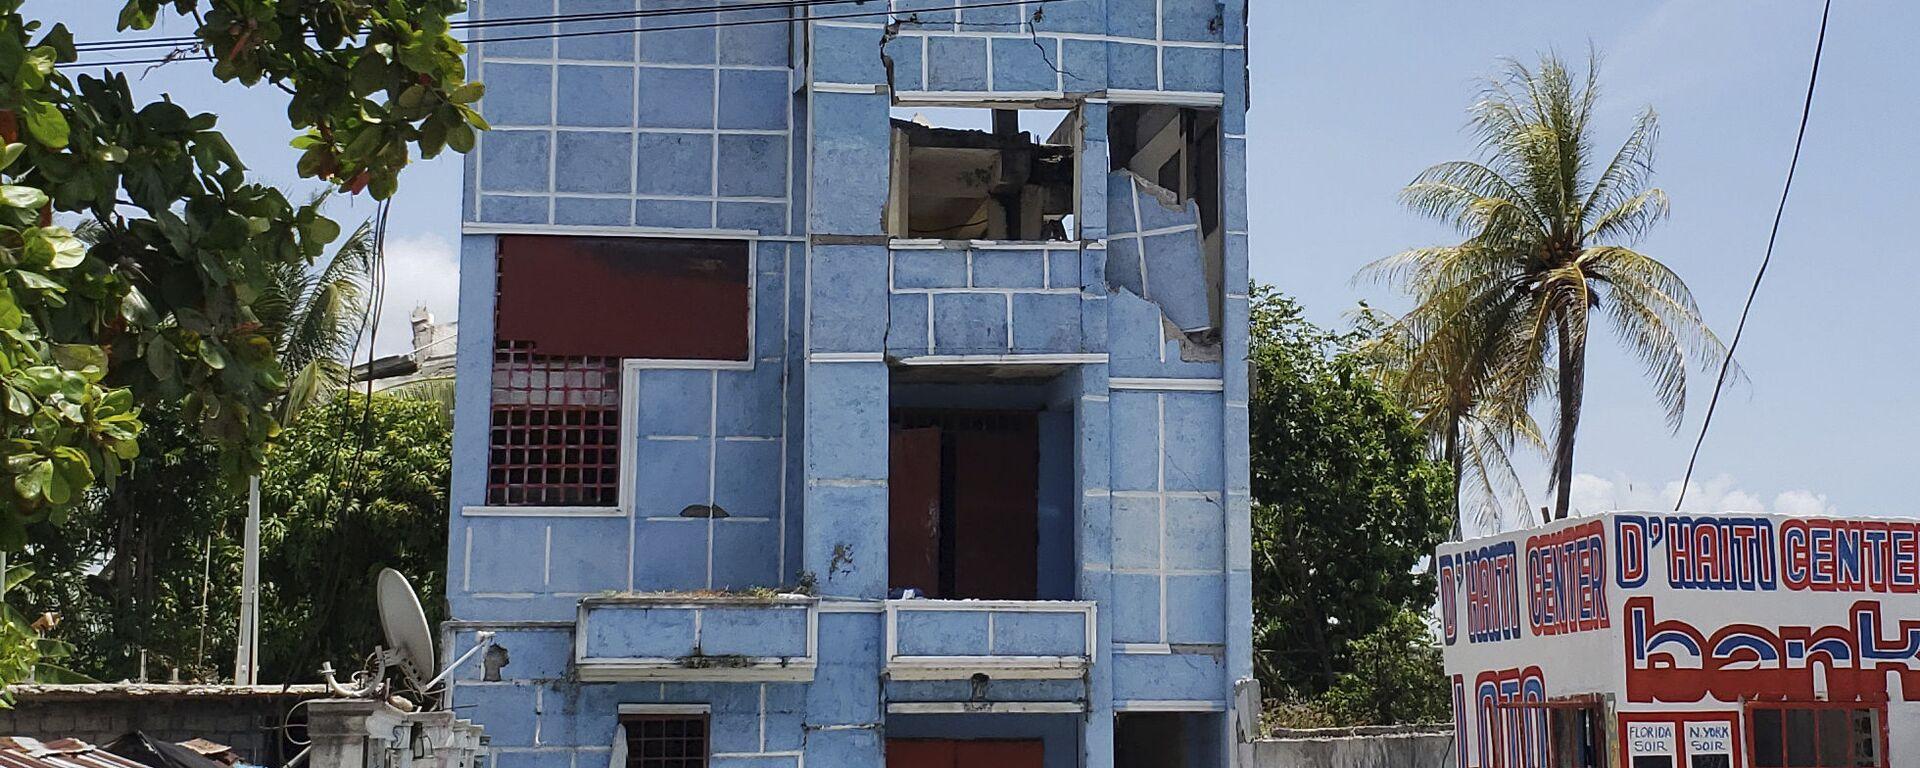 Поврежденная гостиница после землетрясения на Гаити  - Sputnik Грузия, 1920, 18.08.2021